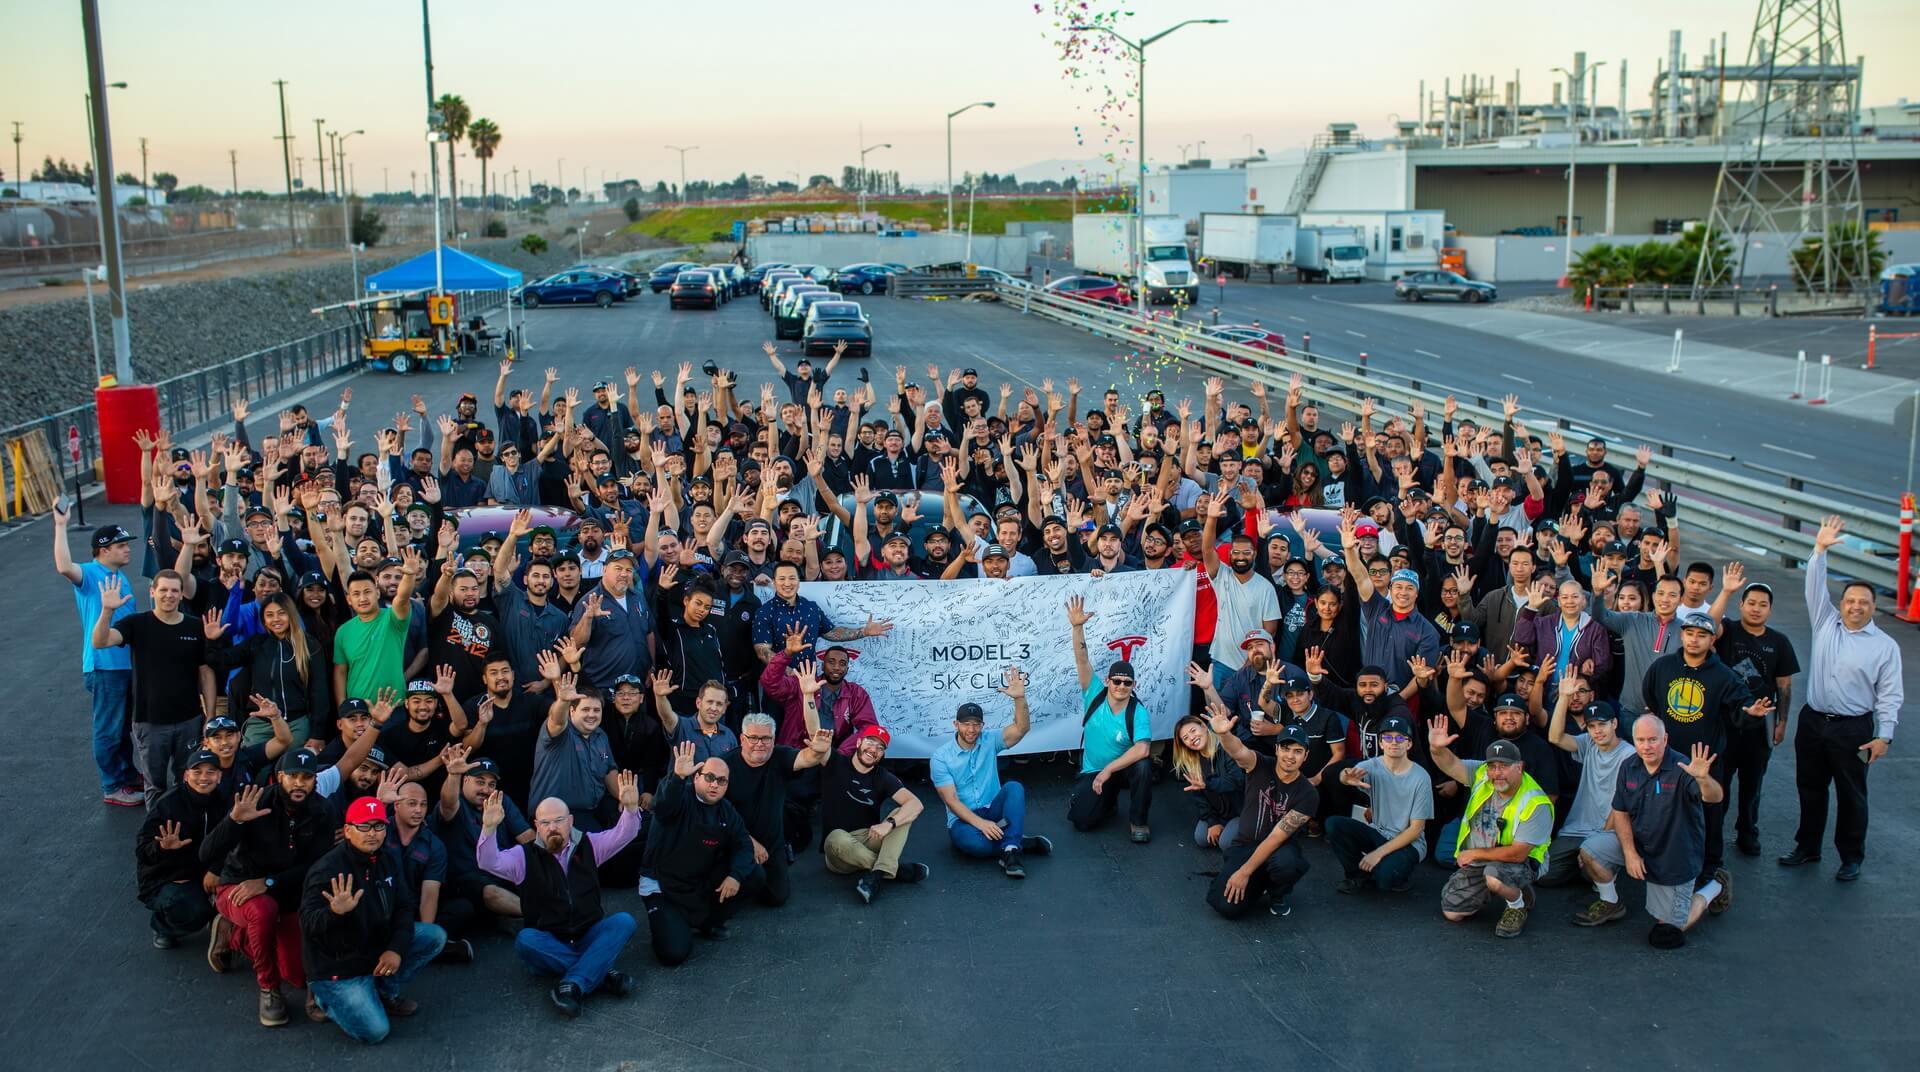 Фотографія команди, яка святкує досягнення цілей виробництва електромобілів Tesla